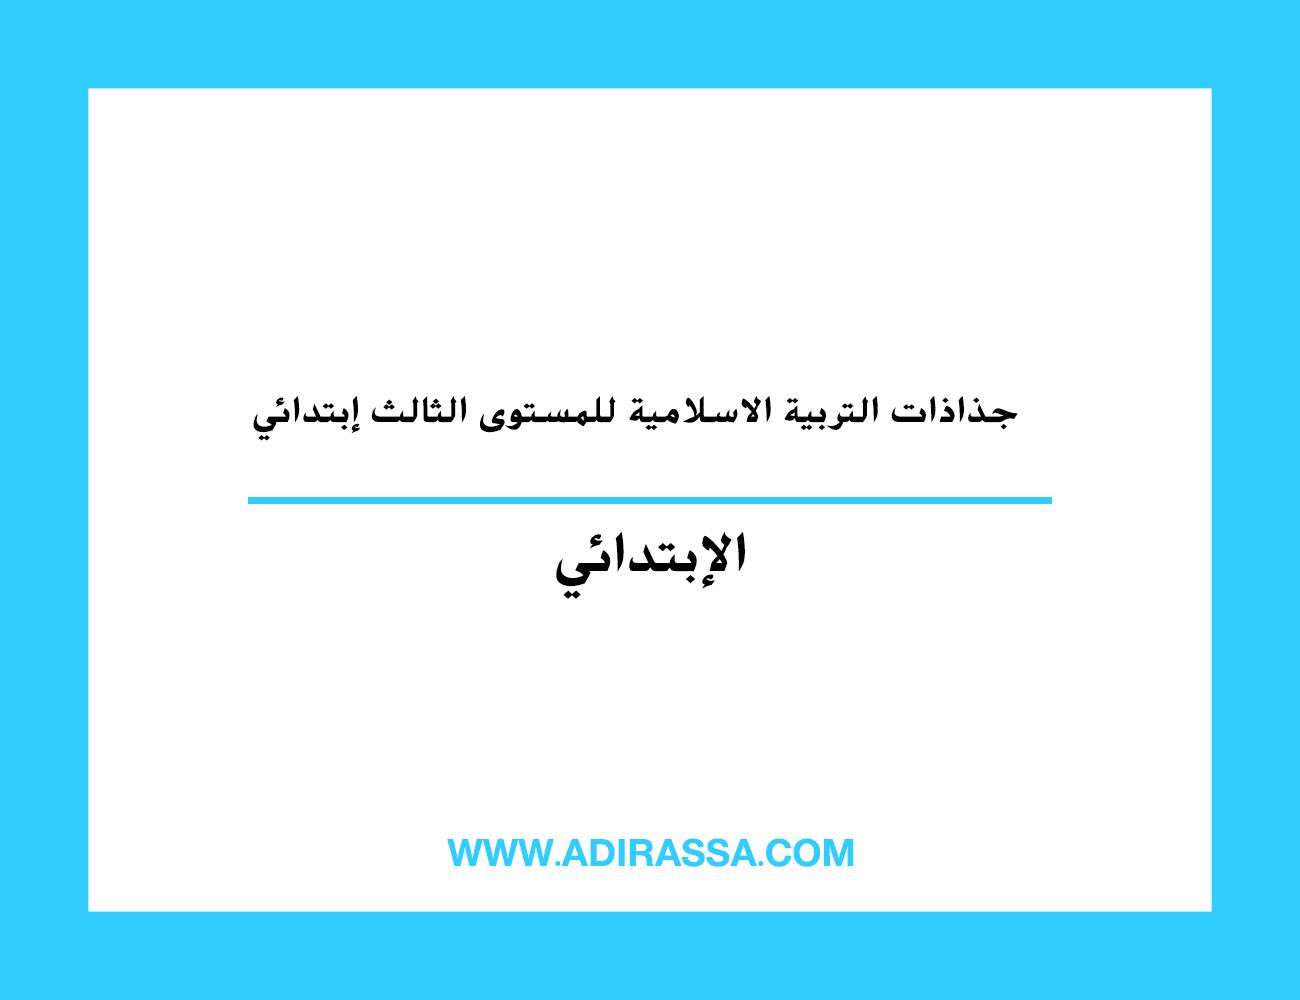 جذاذات التربية الاسلامية للمستوى الثالث إبتدائي بالمدرسة المغربية